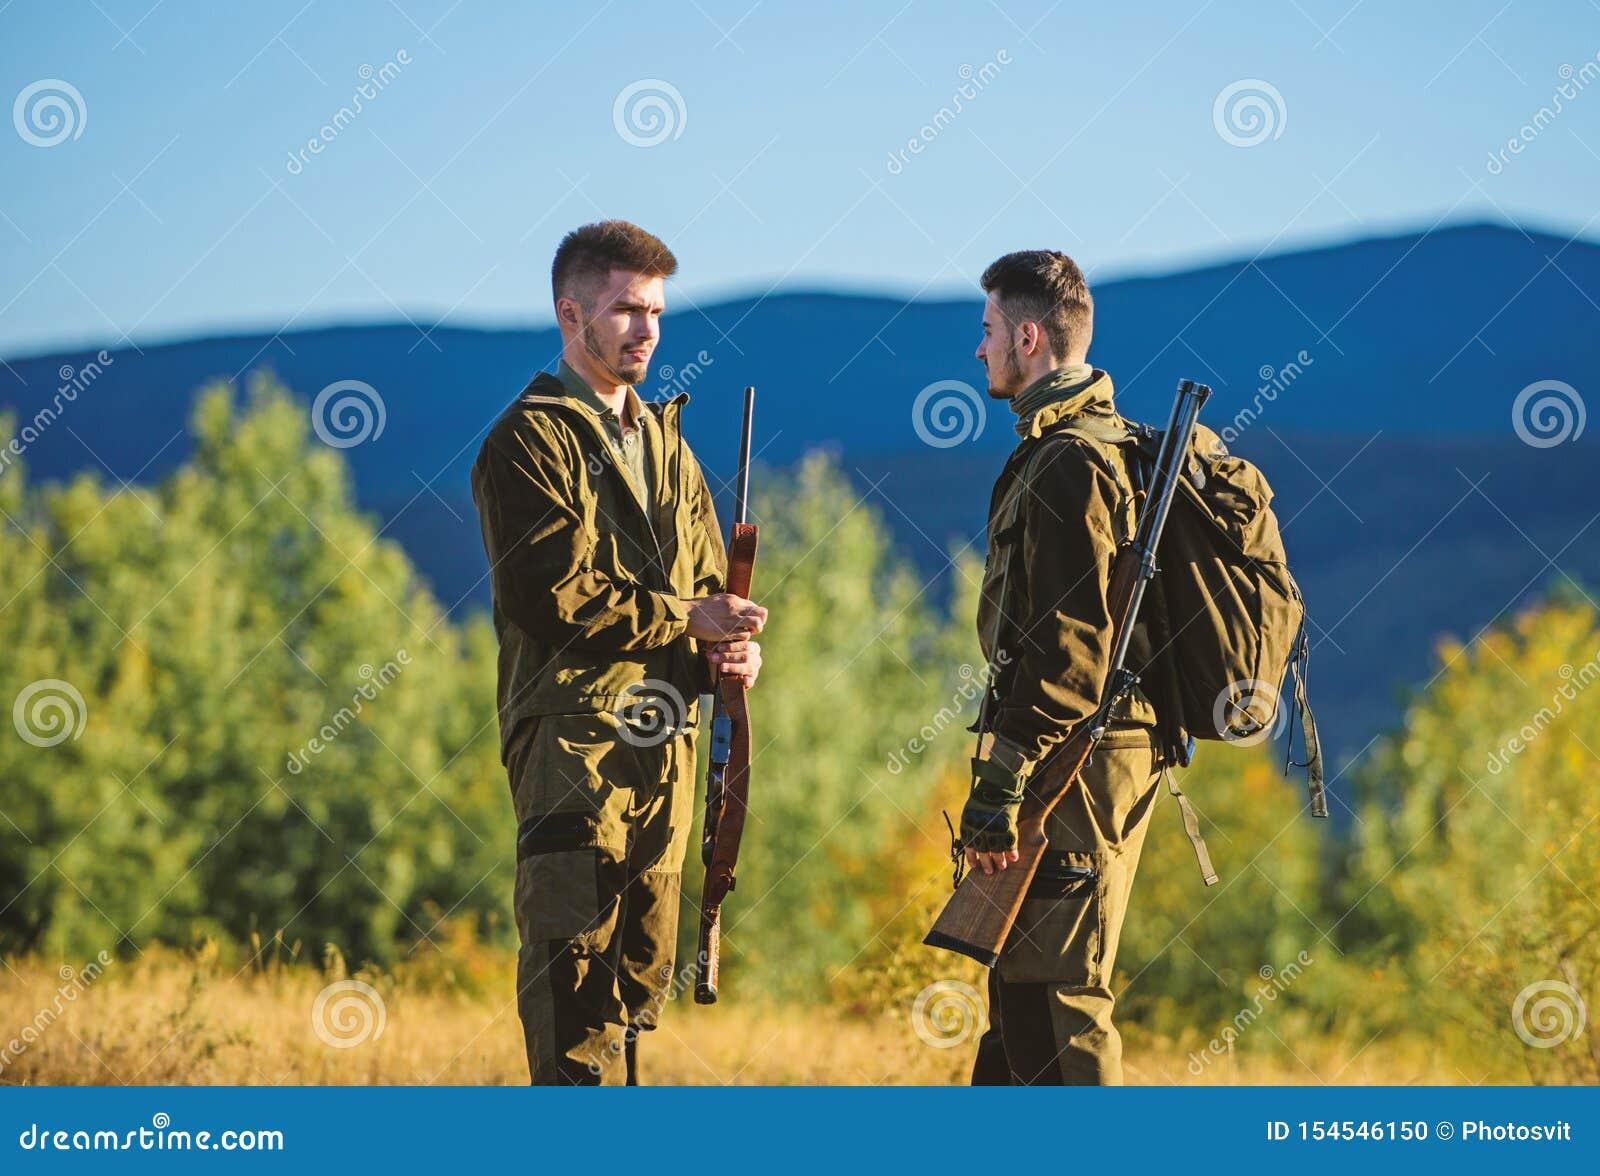 Jaga expertisvapenutrustning Hur v?ndjakt in i hobby Kamratskap av manj?gare Arm?styrkor kamouflage